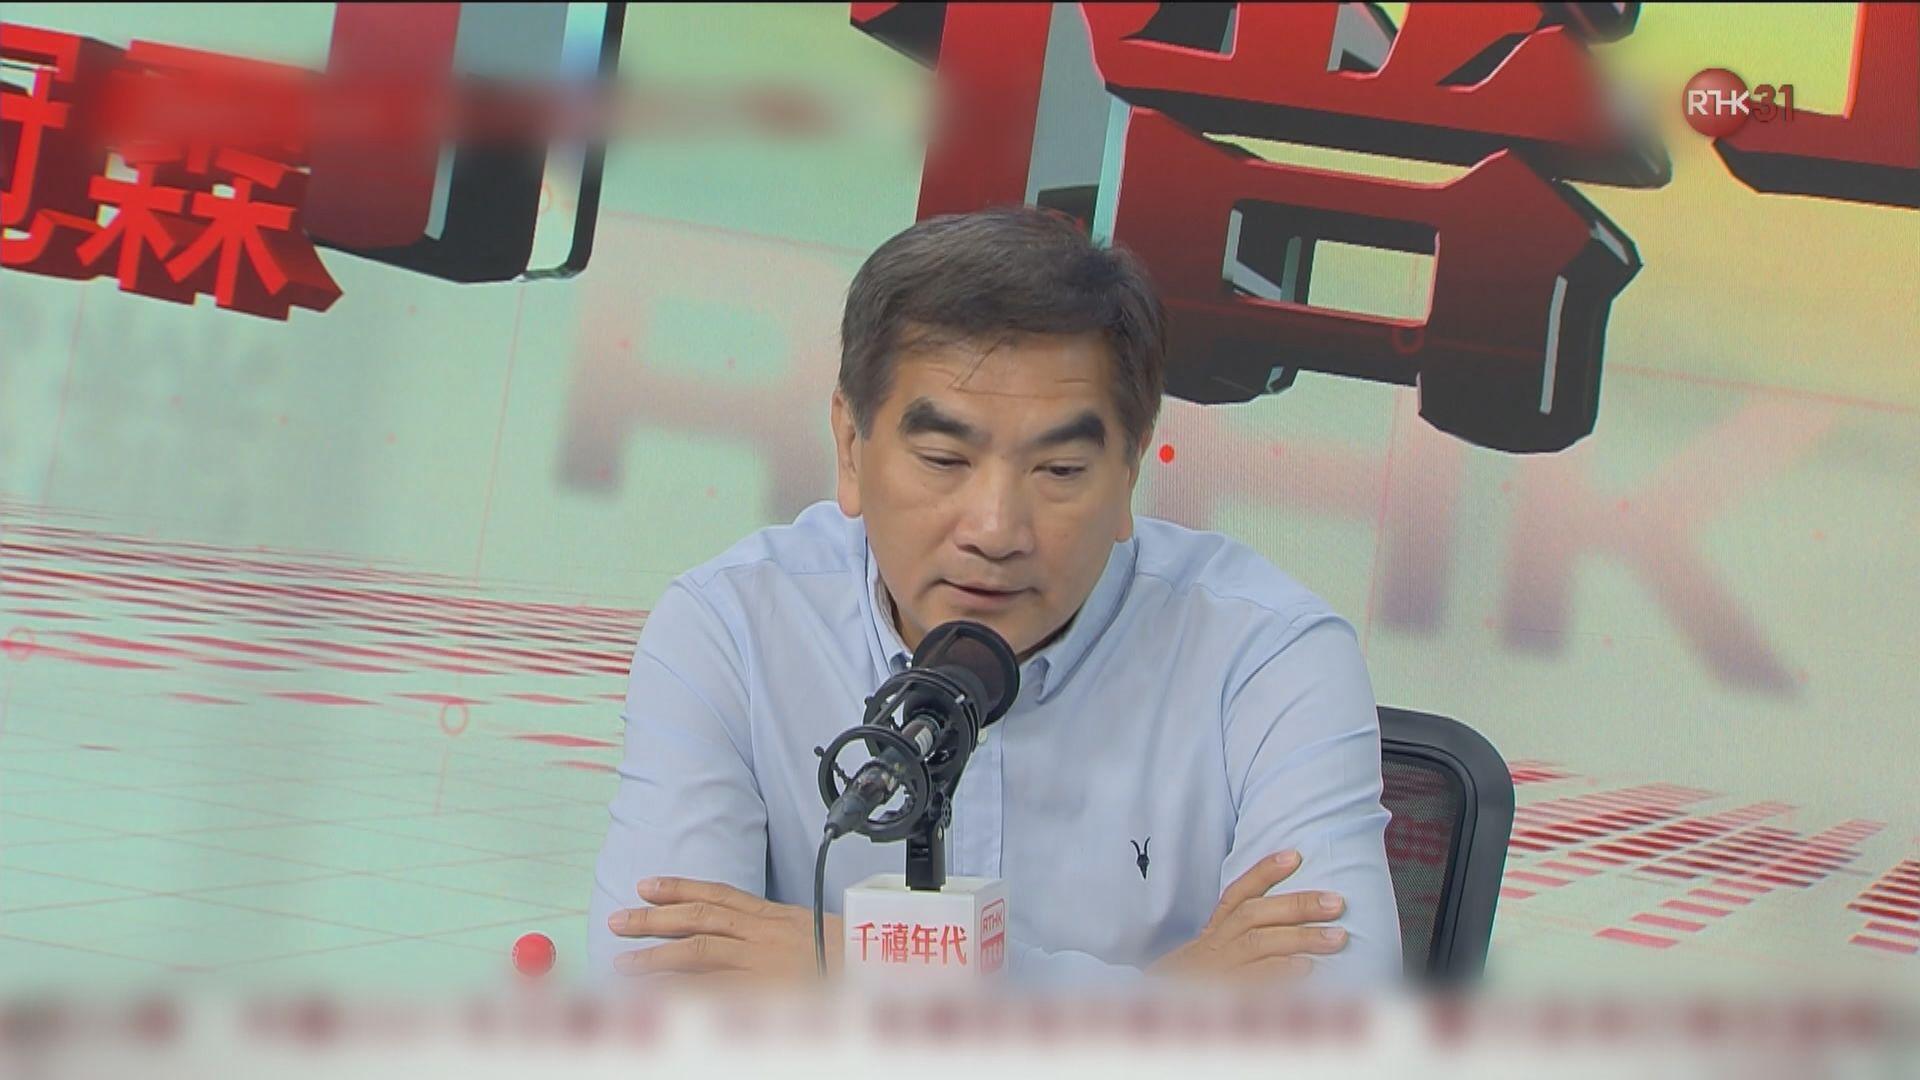 鍾國斌:零售市道較沙士慘淡憂現結業裁員潮